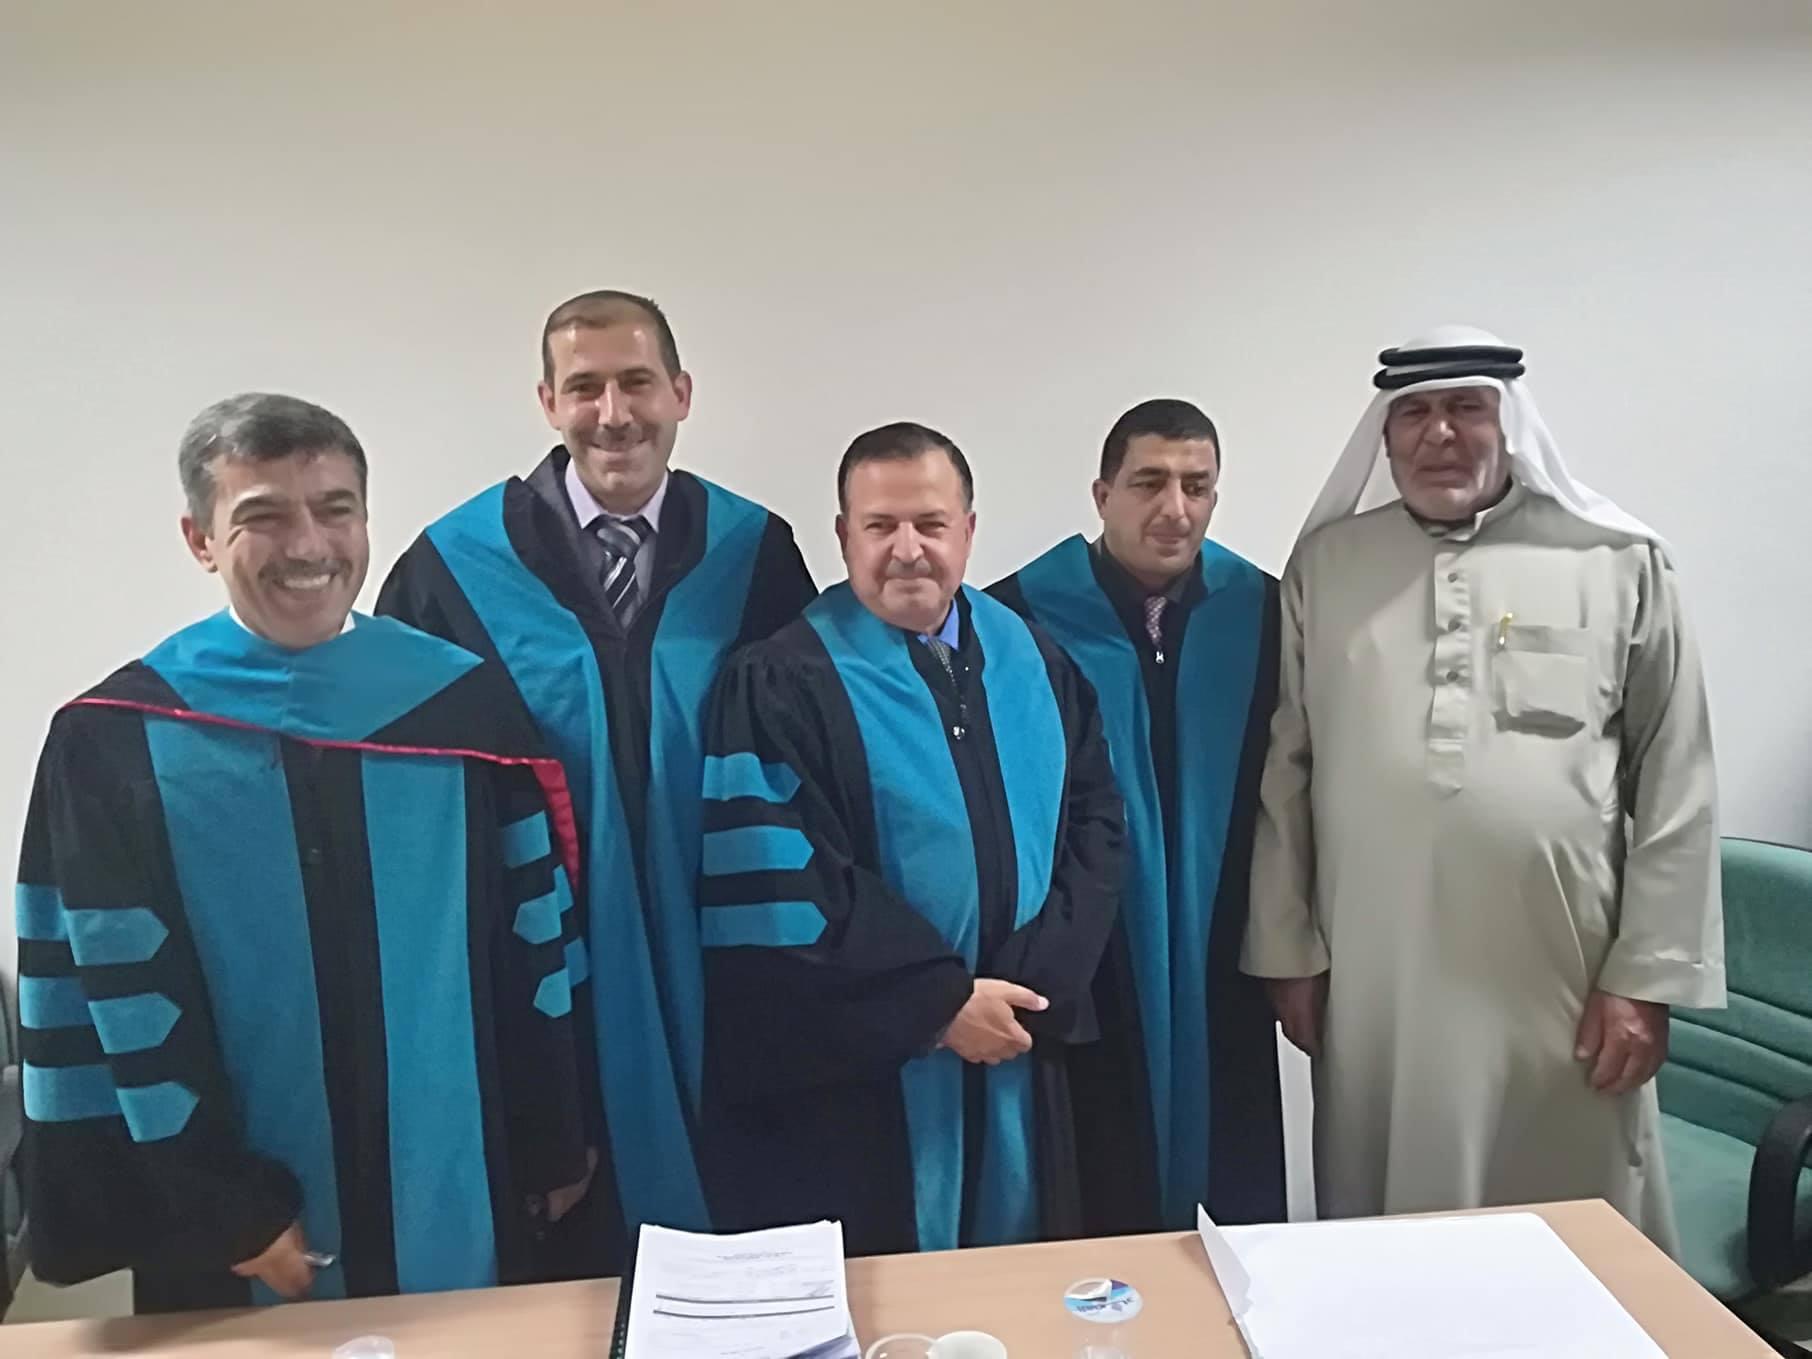 المهندس أحمد الجوارنة مبارك الماجستير